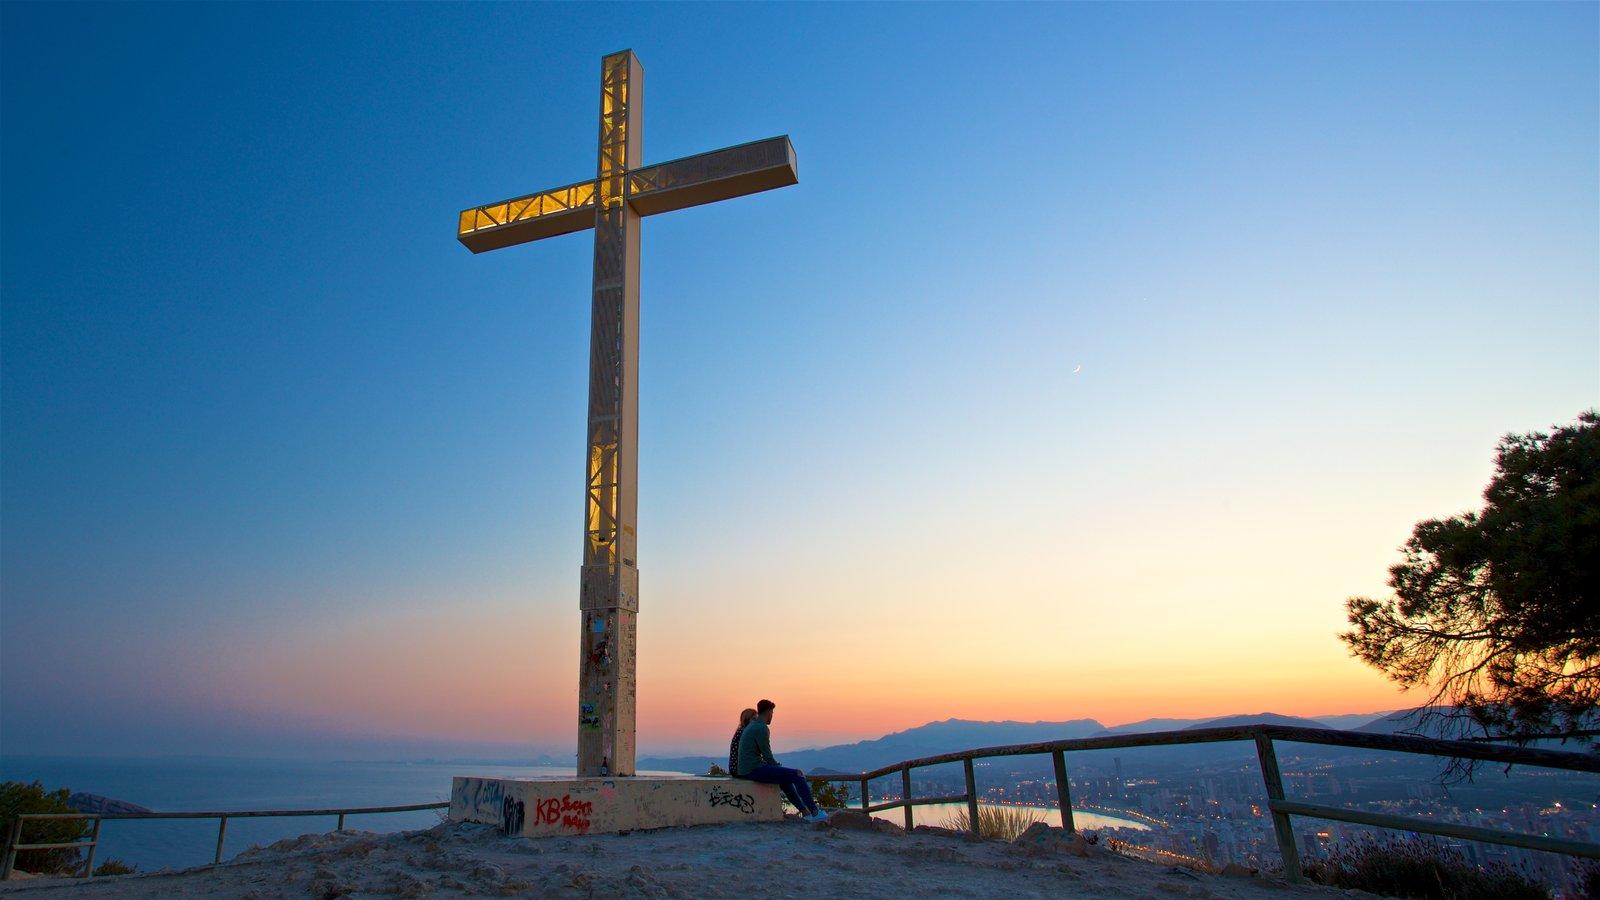 La Cruz de Benidorm mostrando una puesta de sol, vistas de paisajes y vistas